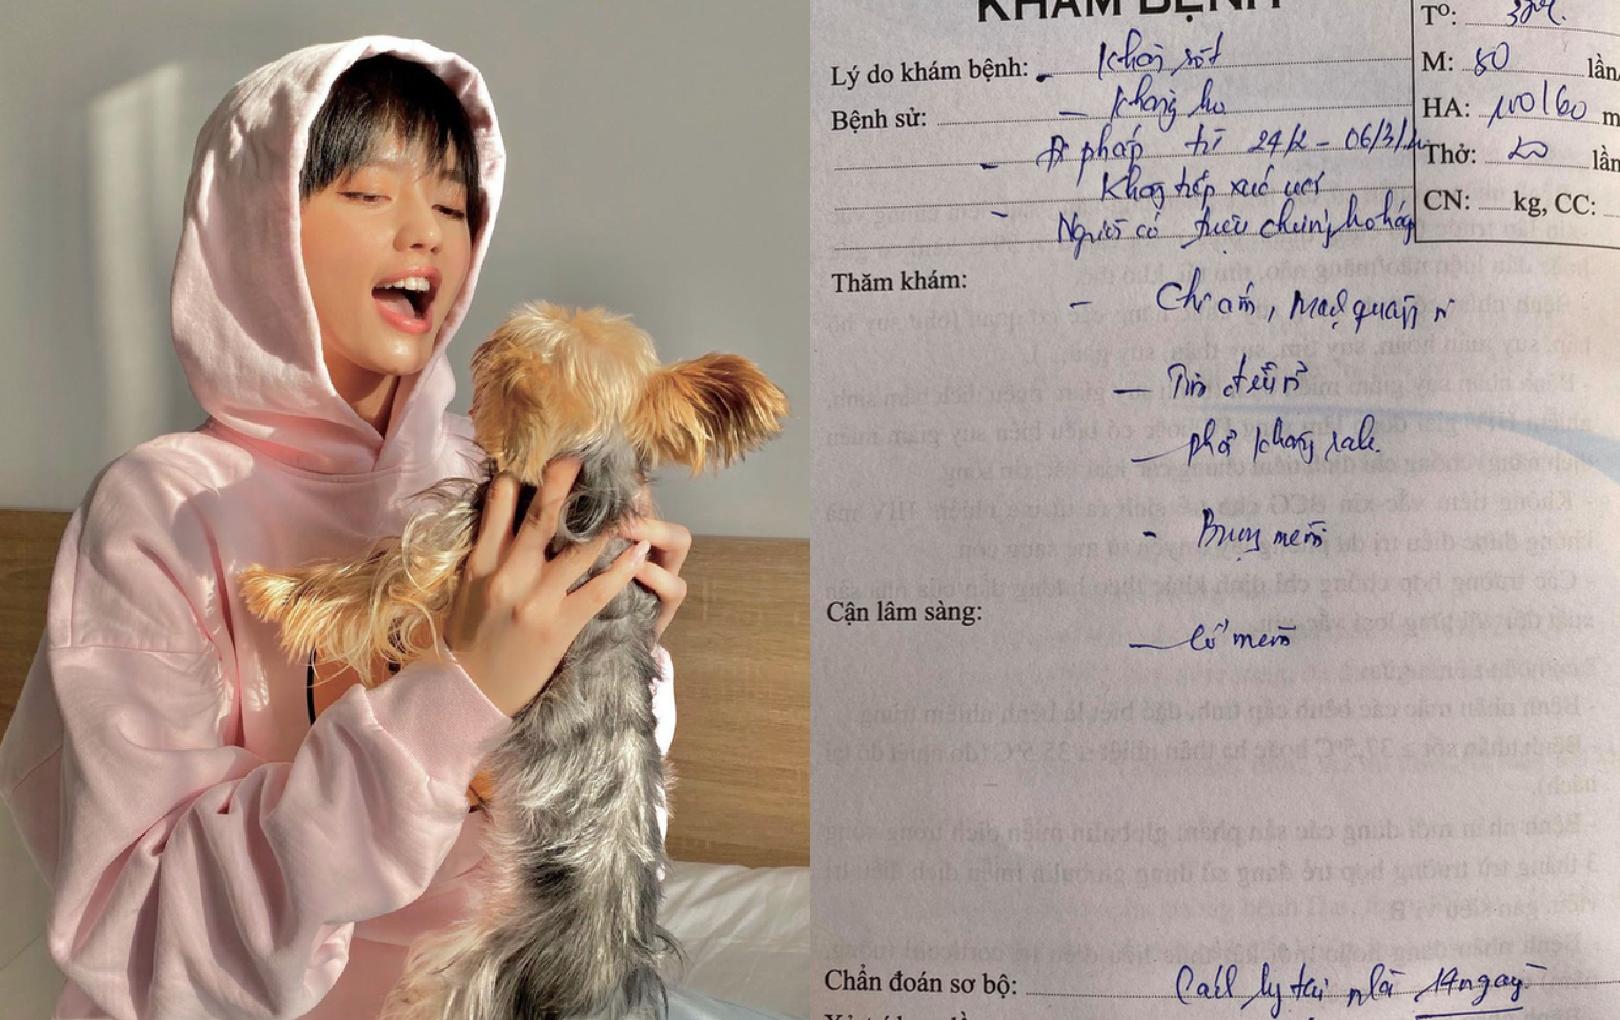 Khánh Linh kết thúc 14 ngày tự cách ly: Tôi tiêu cực ít tiền khi ở nhà, không ngờ mình có thể làm được như thế!